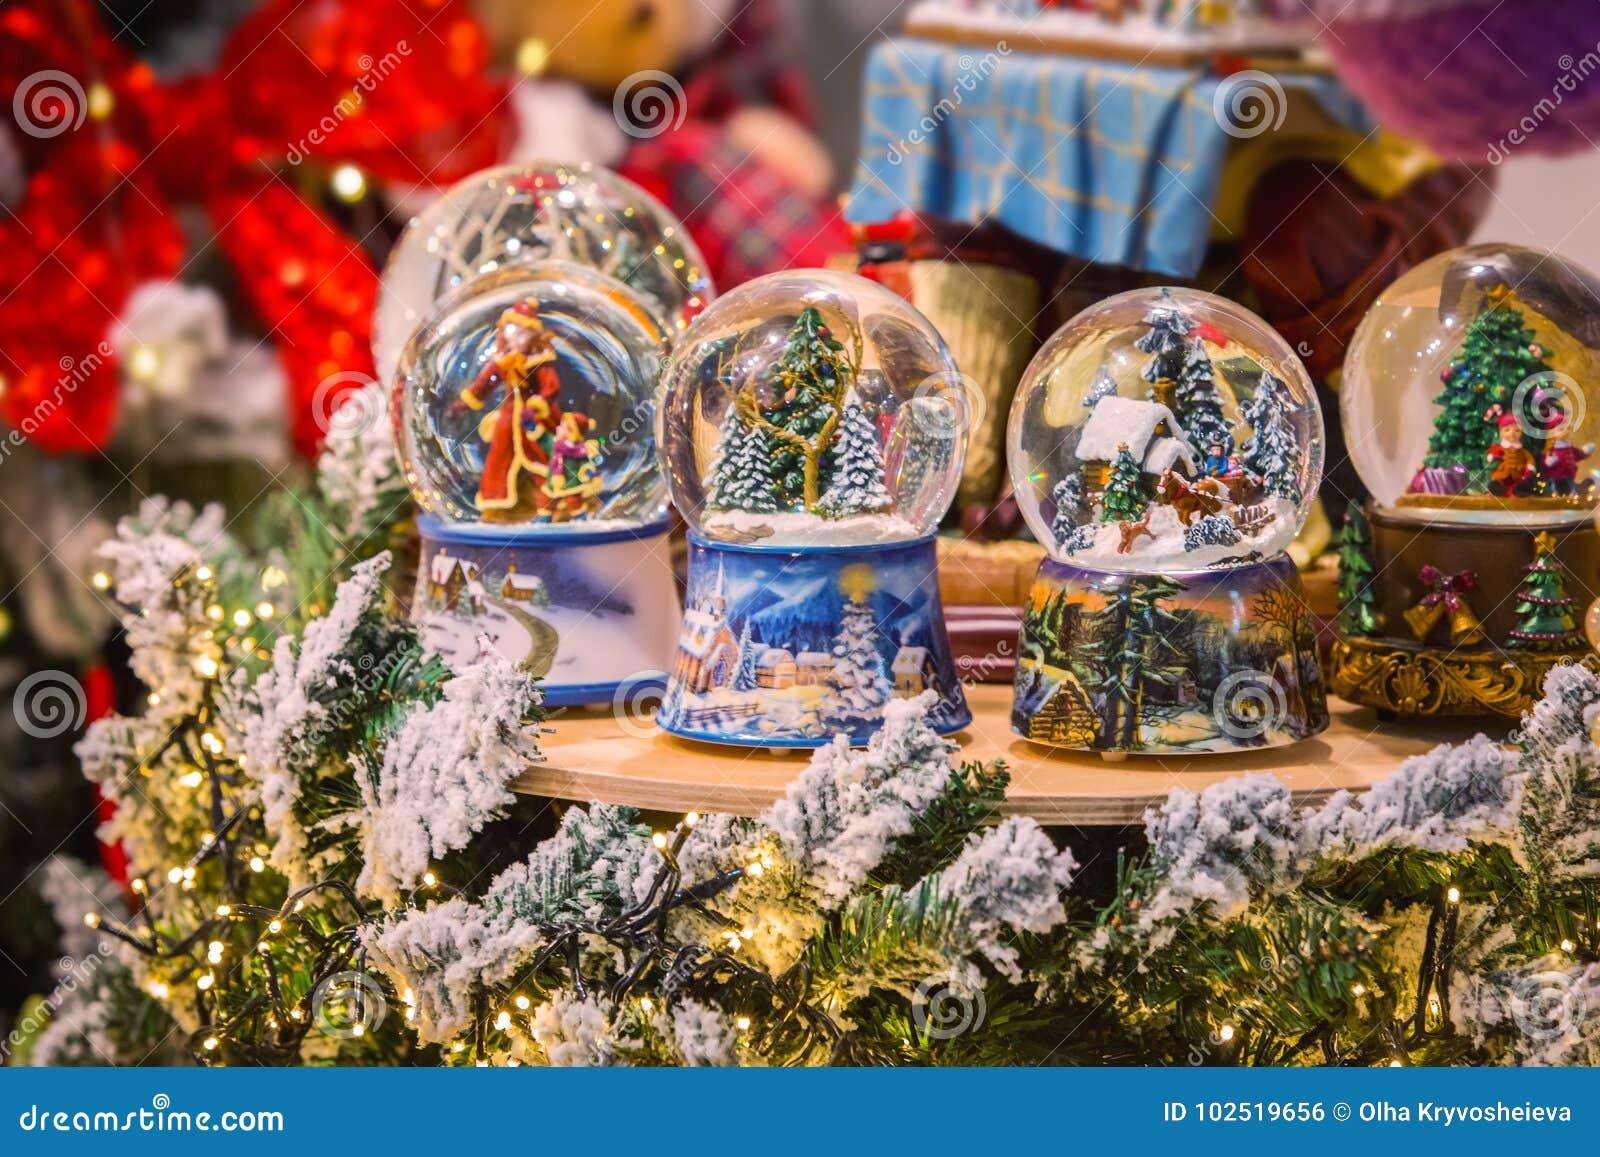 De bol van de de sneeuwbal van het Kerstmisglas met de nieuwe decoratie van het jaarspeelgoed